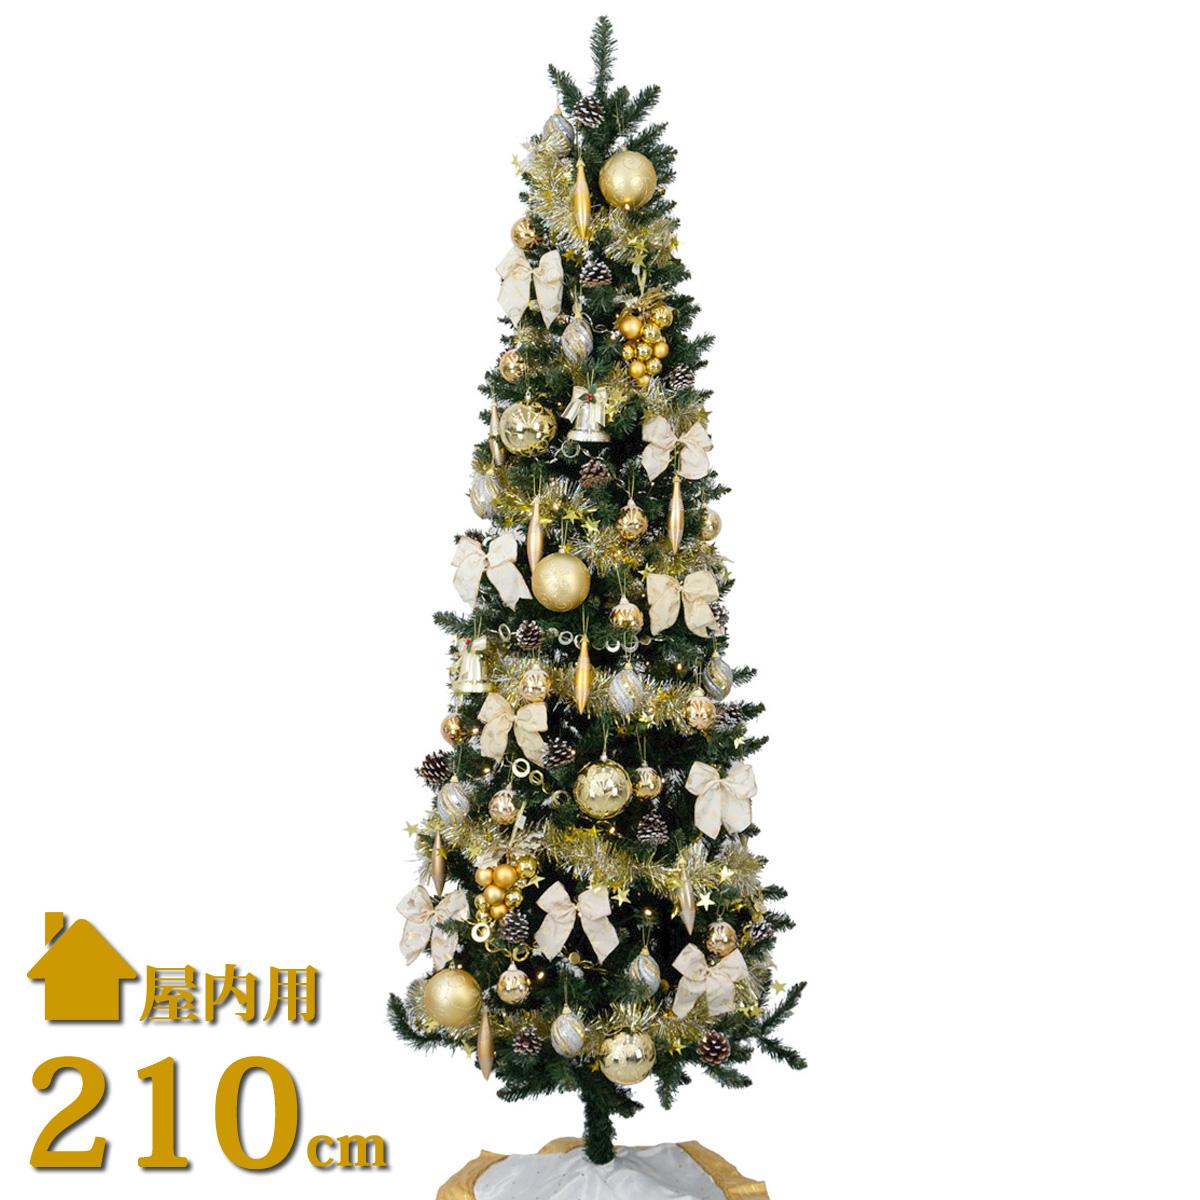 クリスマスツリー スリム 210cm LED セット ゴールドアイボリー オーナメント付き 北欧 おしゃれ